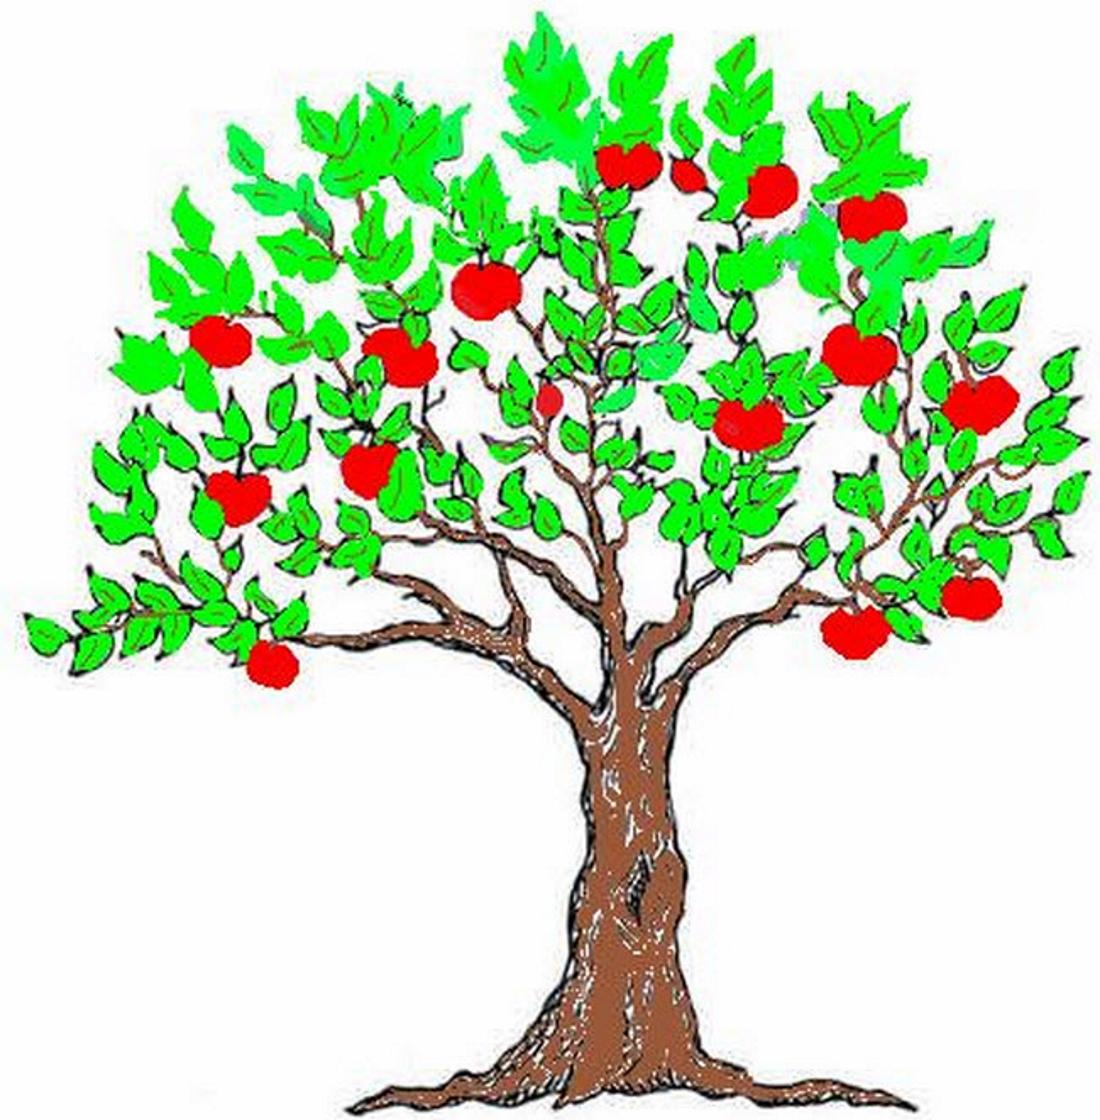 Яблоня с красными яблоками - картинка №12942 | Printonic.ru